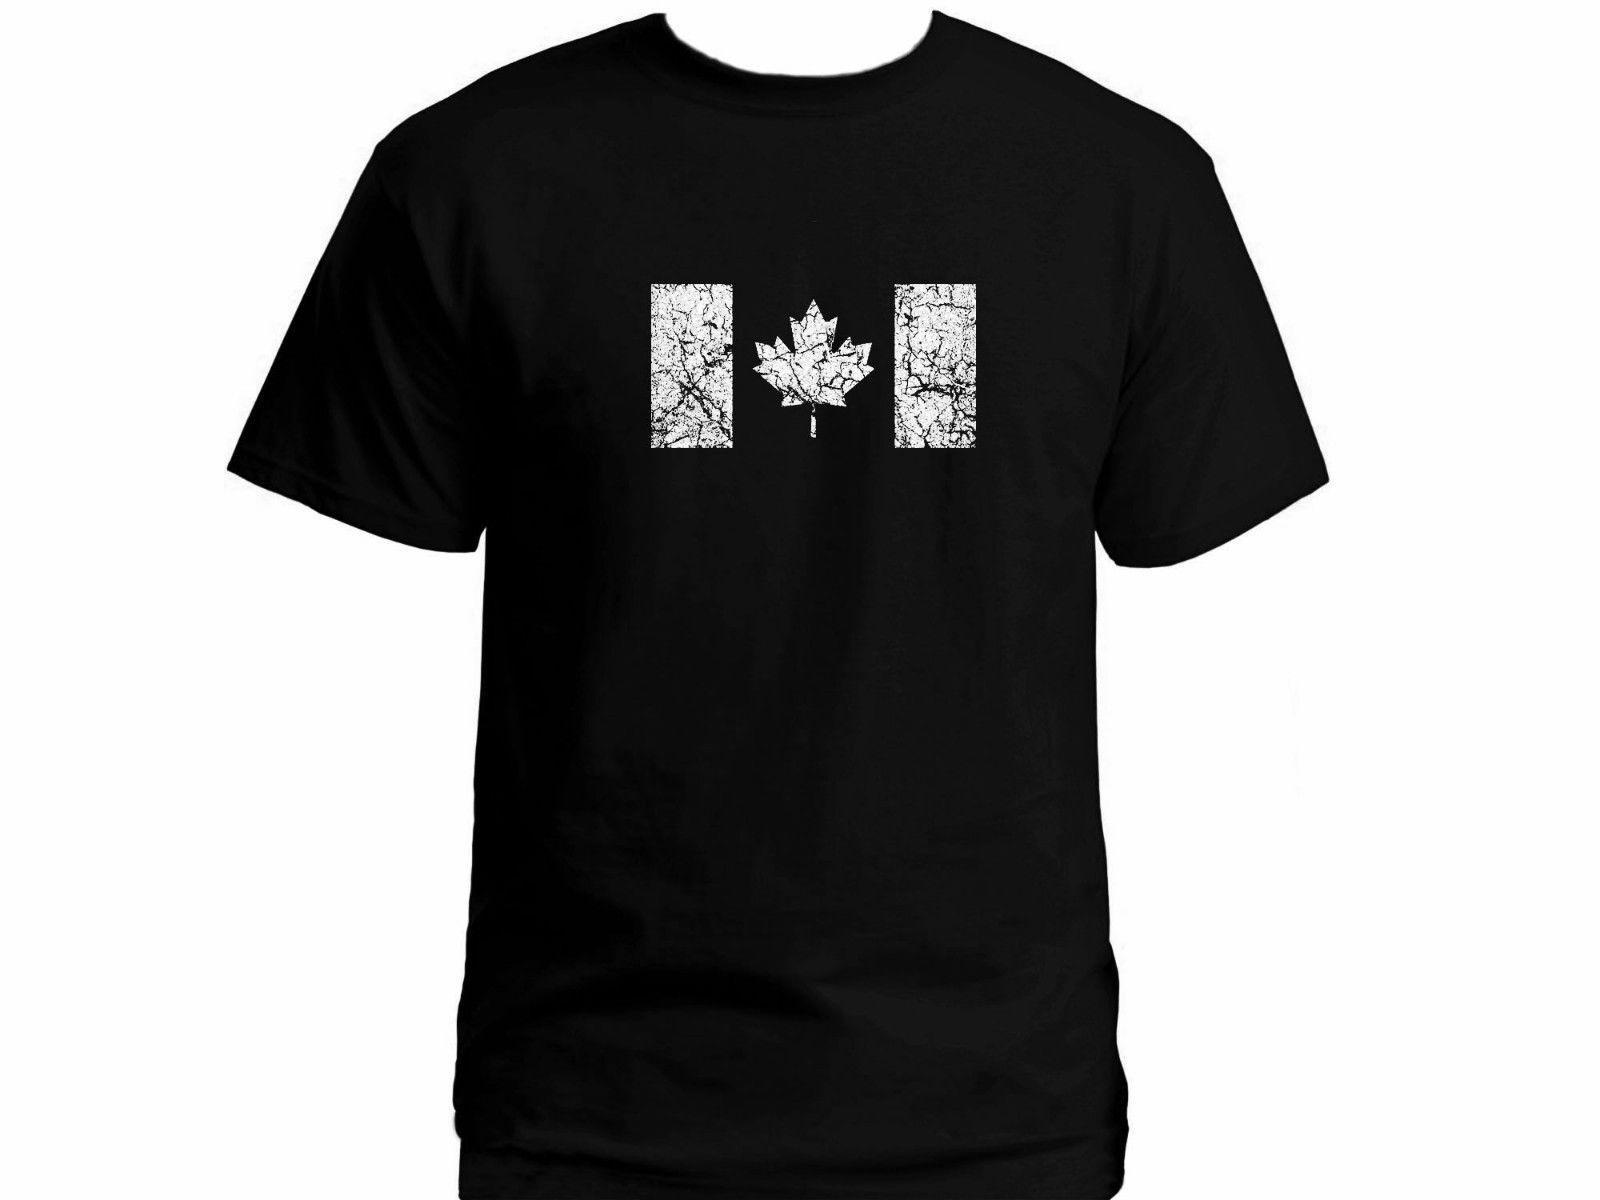 retro canadiense mirada angustiada gráfico militar divertido camiseta de los hombres de la nueva llegada del verano de manga corta casuales tapa de la manera Tees